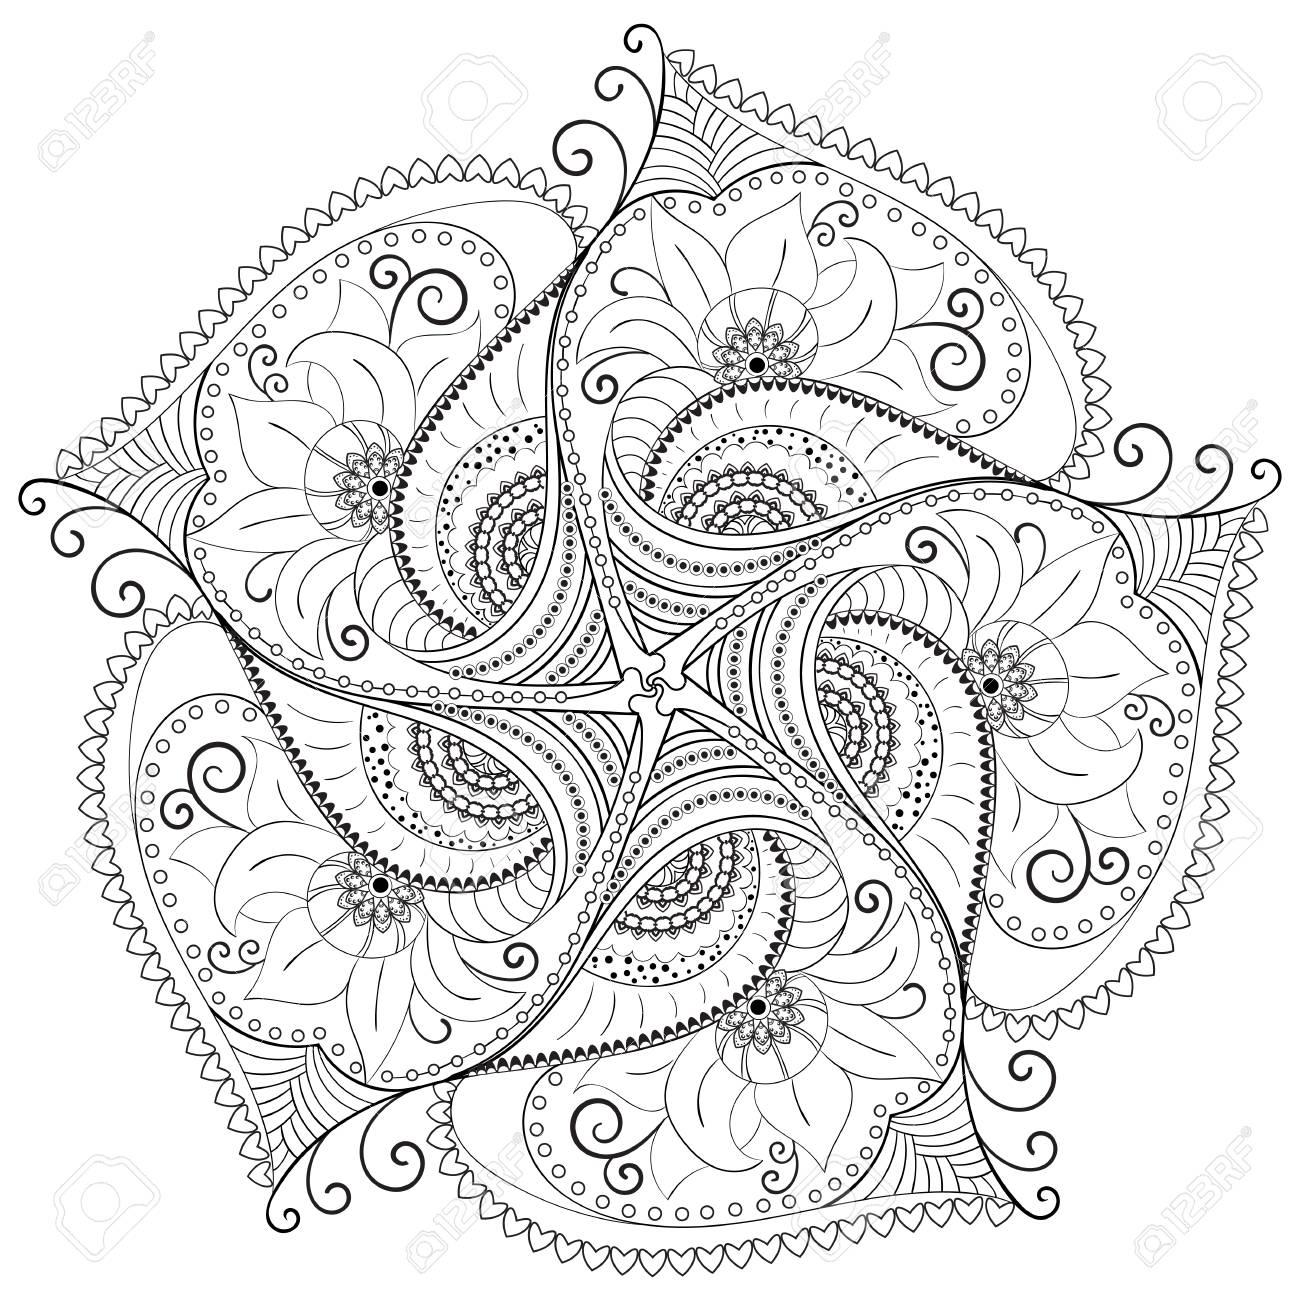 Circular floral pattern. - 88886469